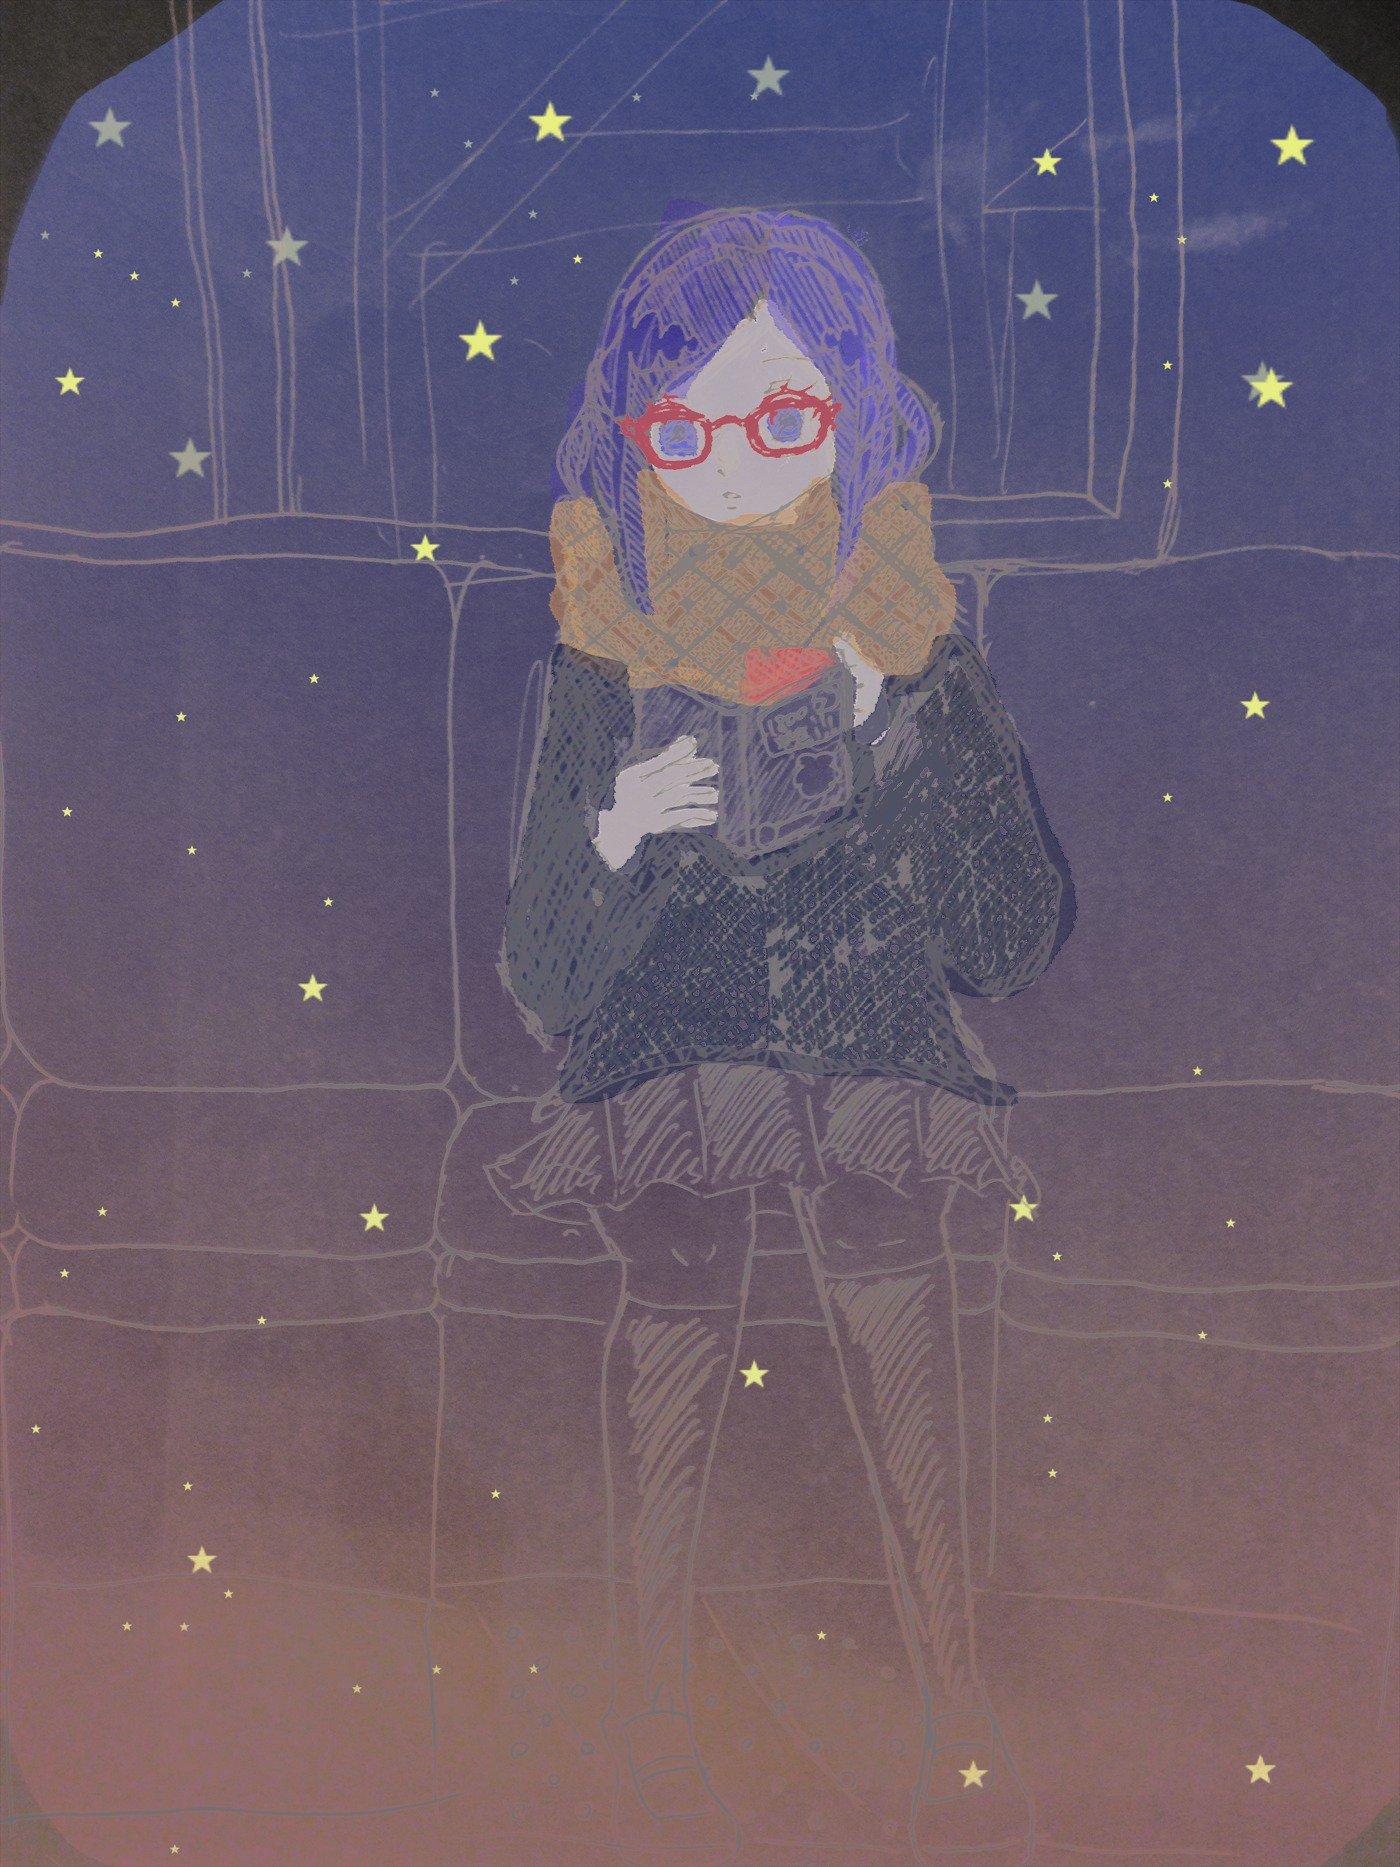 ちょこと (@tyokotyokolate)さんのイラスト